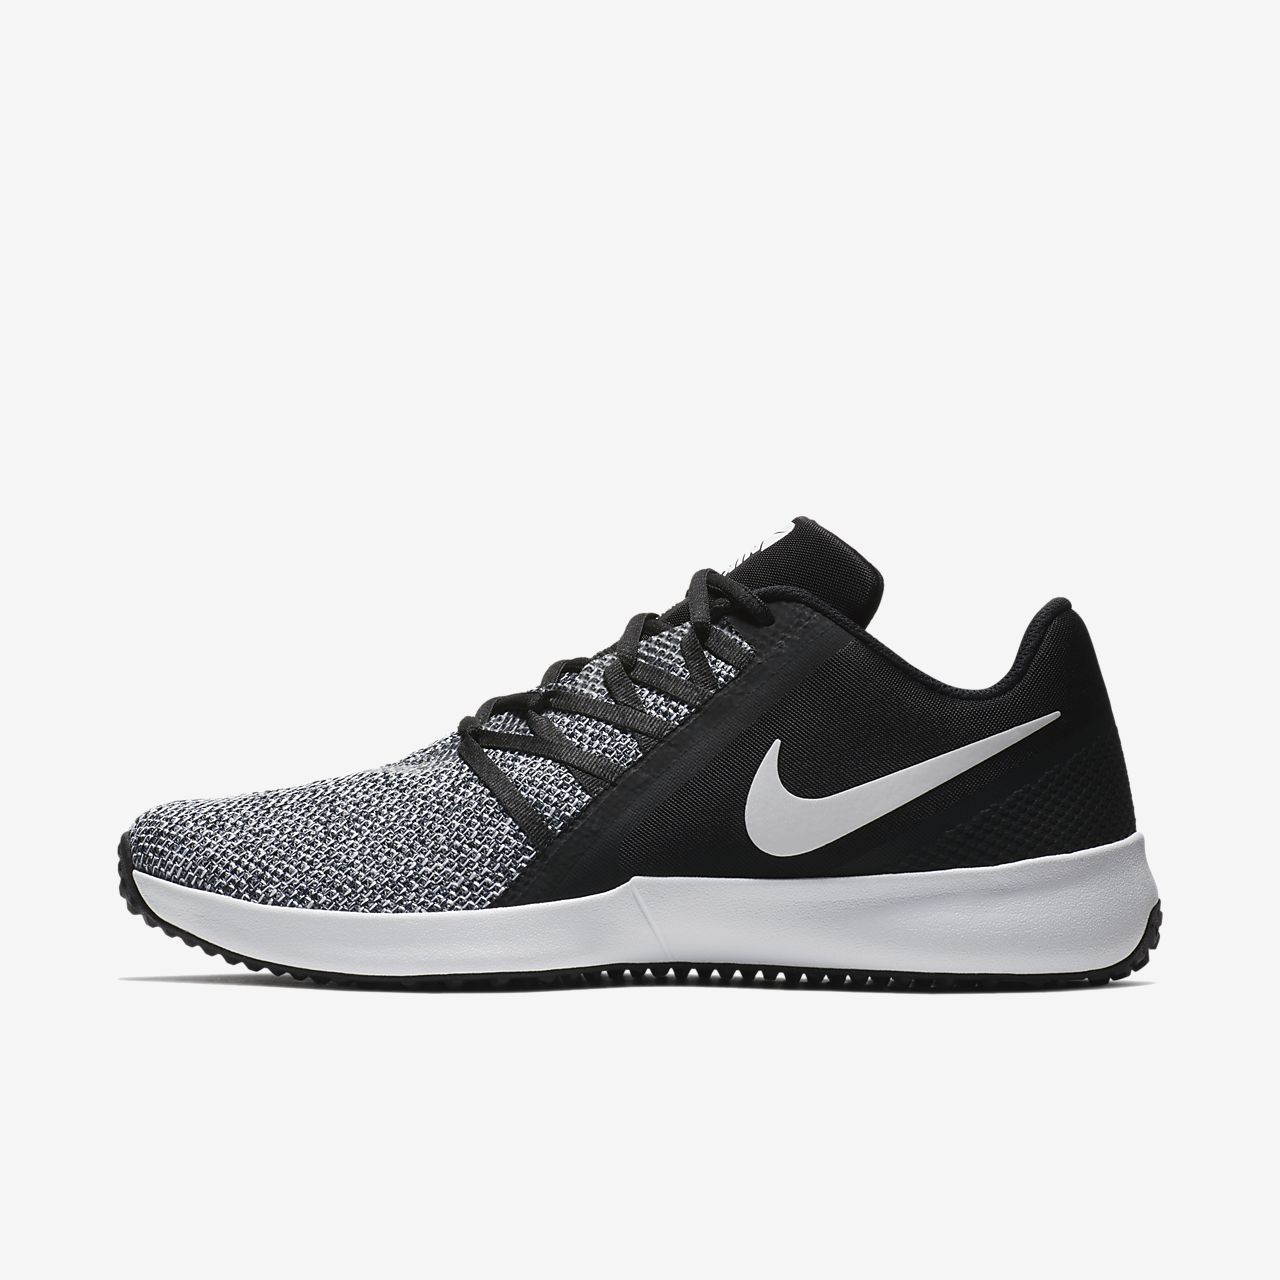 more photos 6853b 703bd ... Chaussure de training sportif et fitness Nike Varsity Complete Trainer  pour Homme